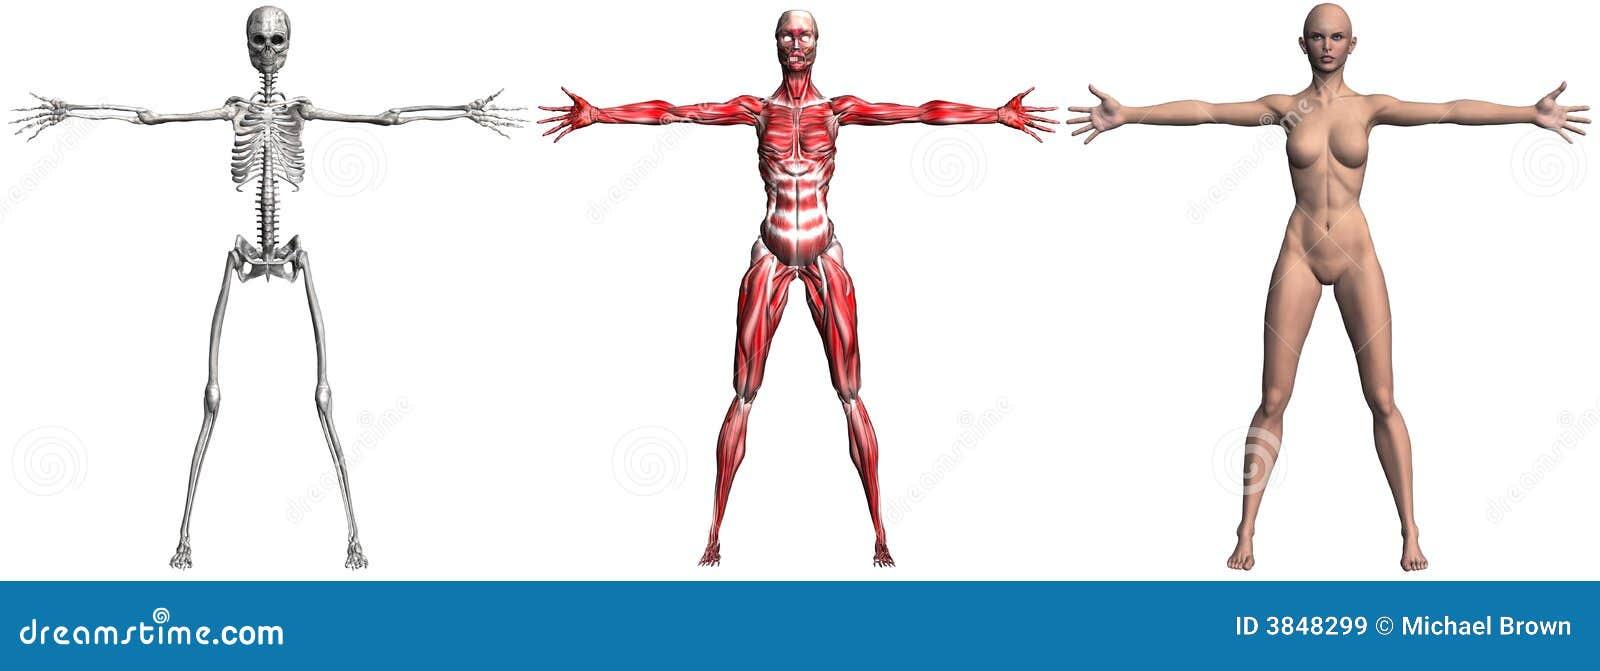 Skelett Und Muskeln Einer Menschlichen Frau Stock Abbildung ...